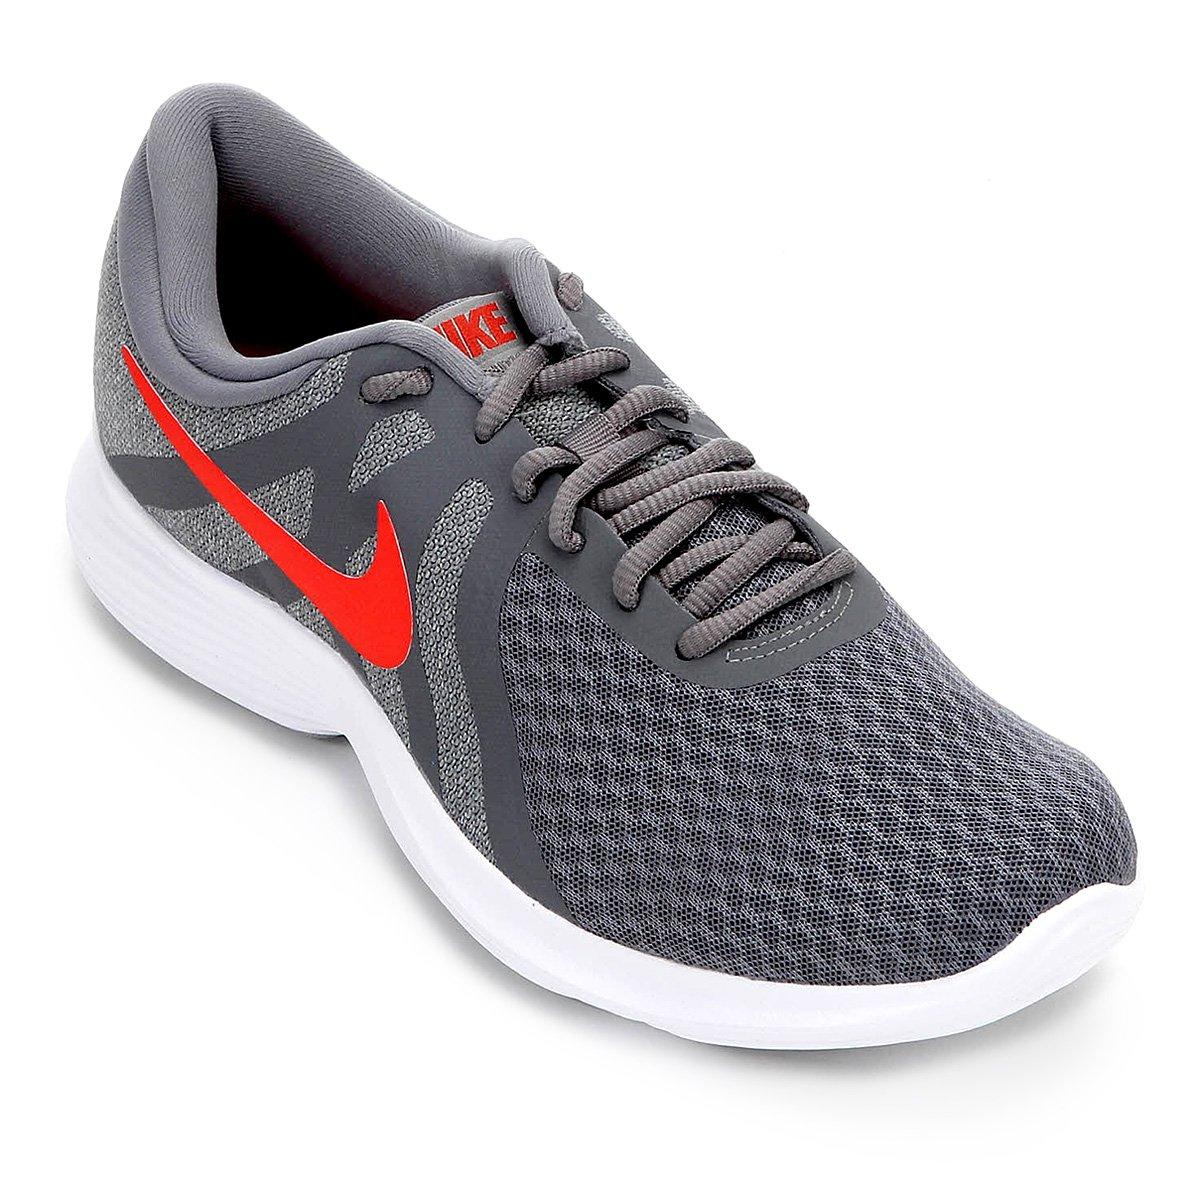 4e67c179f1c12 Tênis Nike Revolution 4 Masculino - Cinza e Vermelho - Compre Agora ...